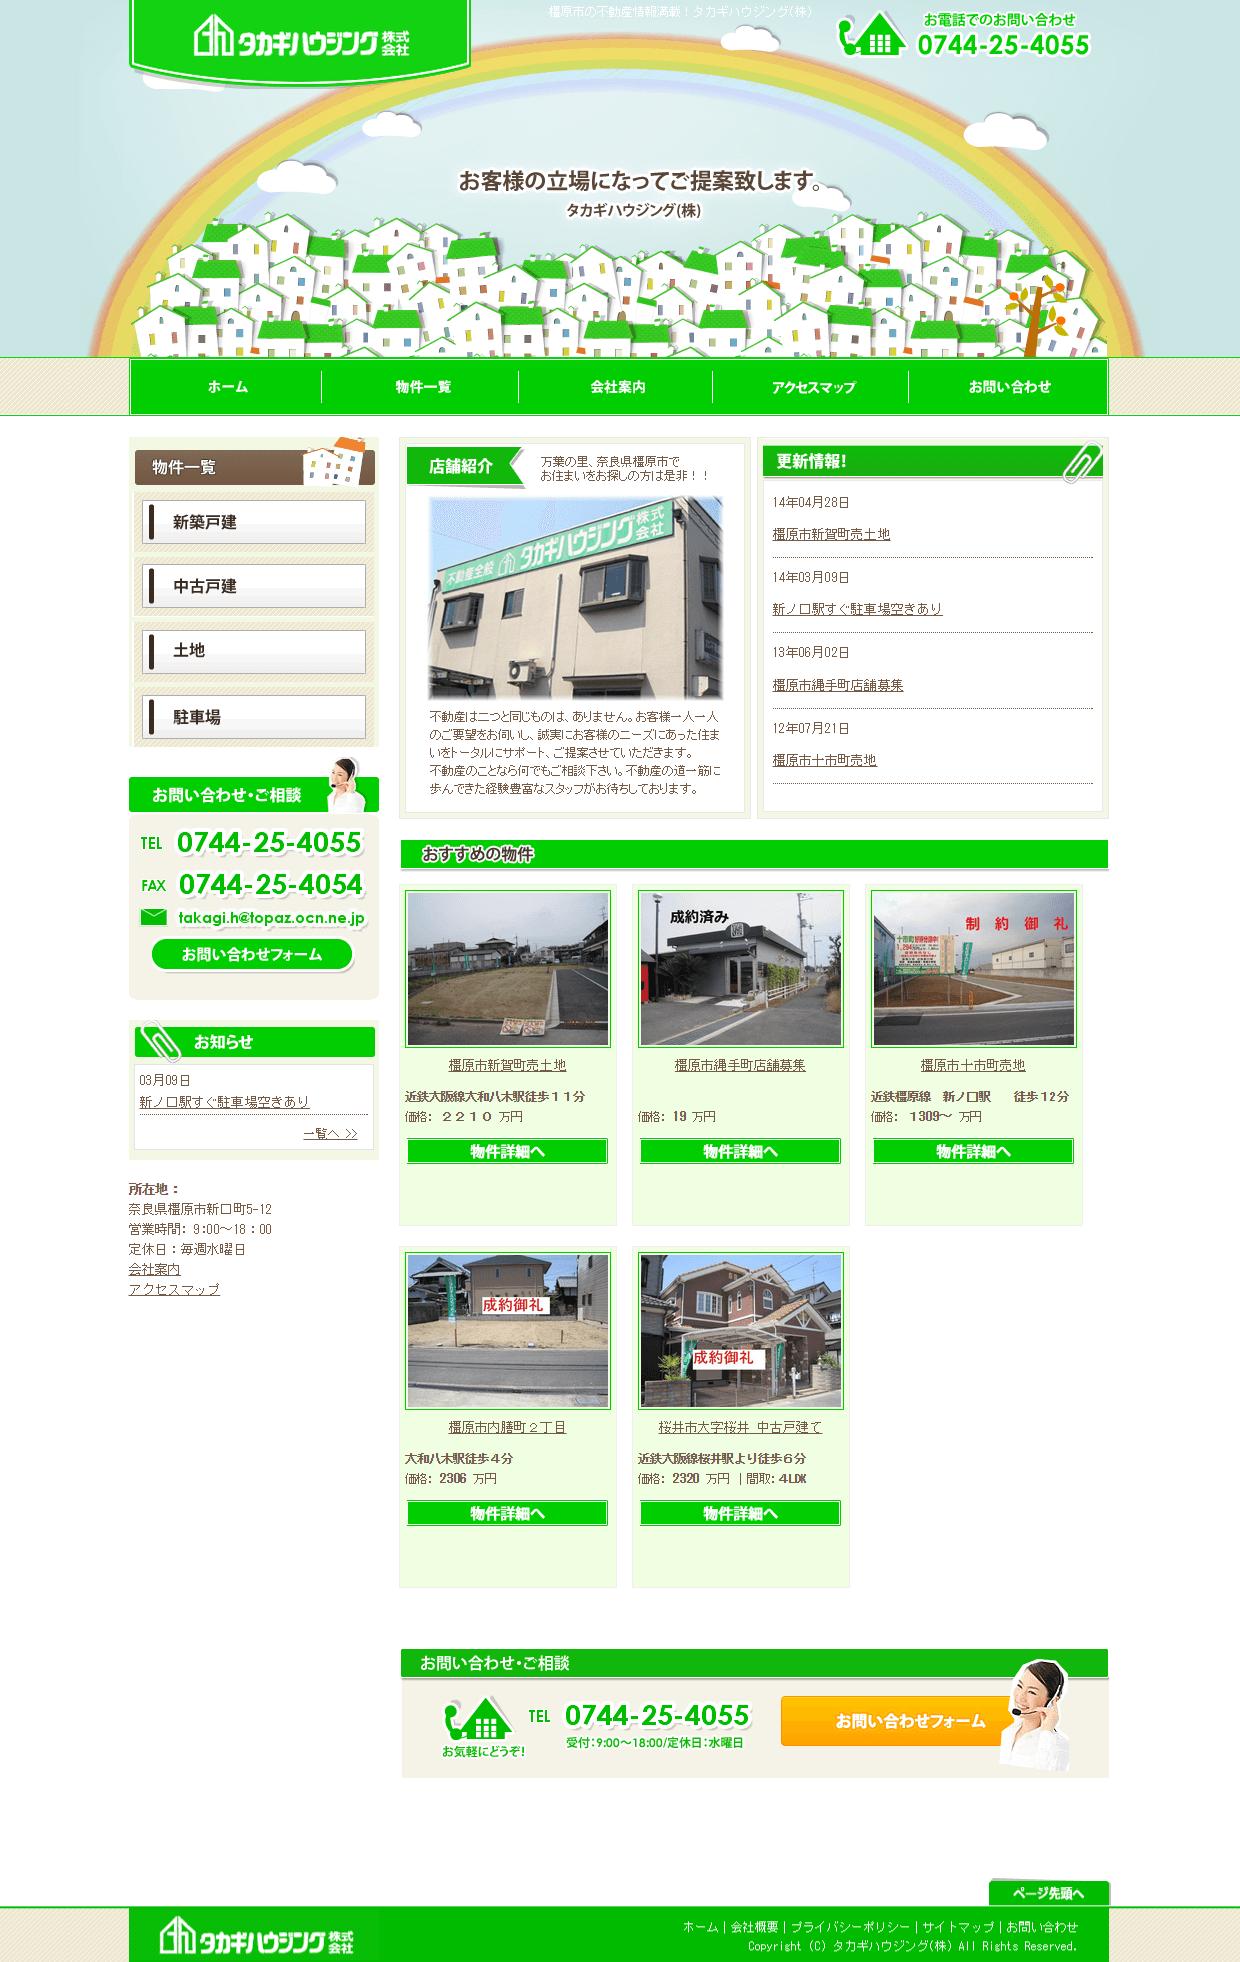 タカギハウジング株式会社様